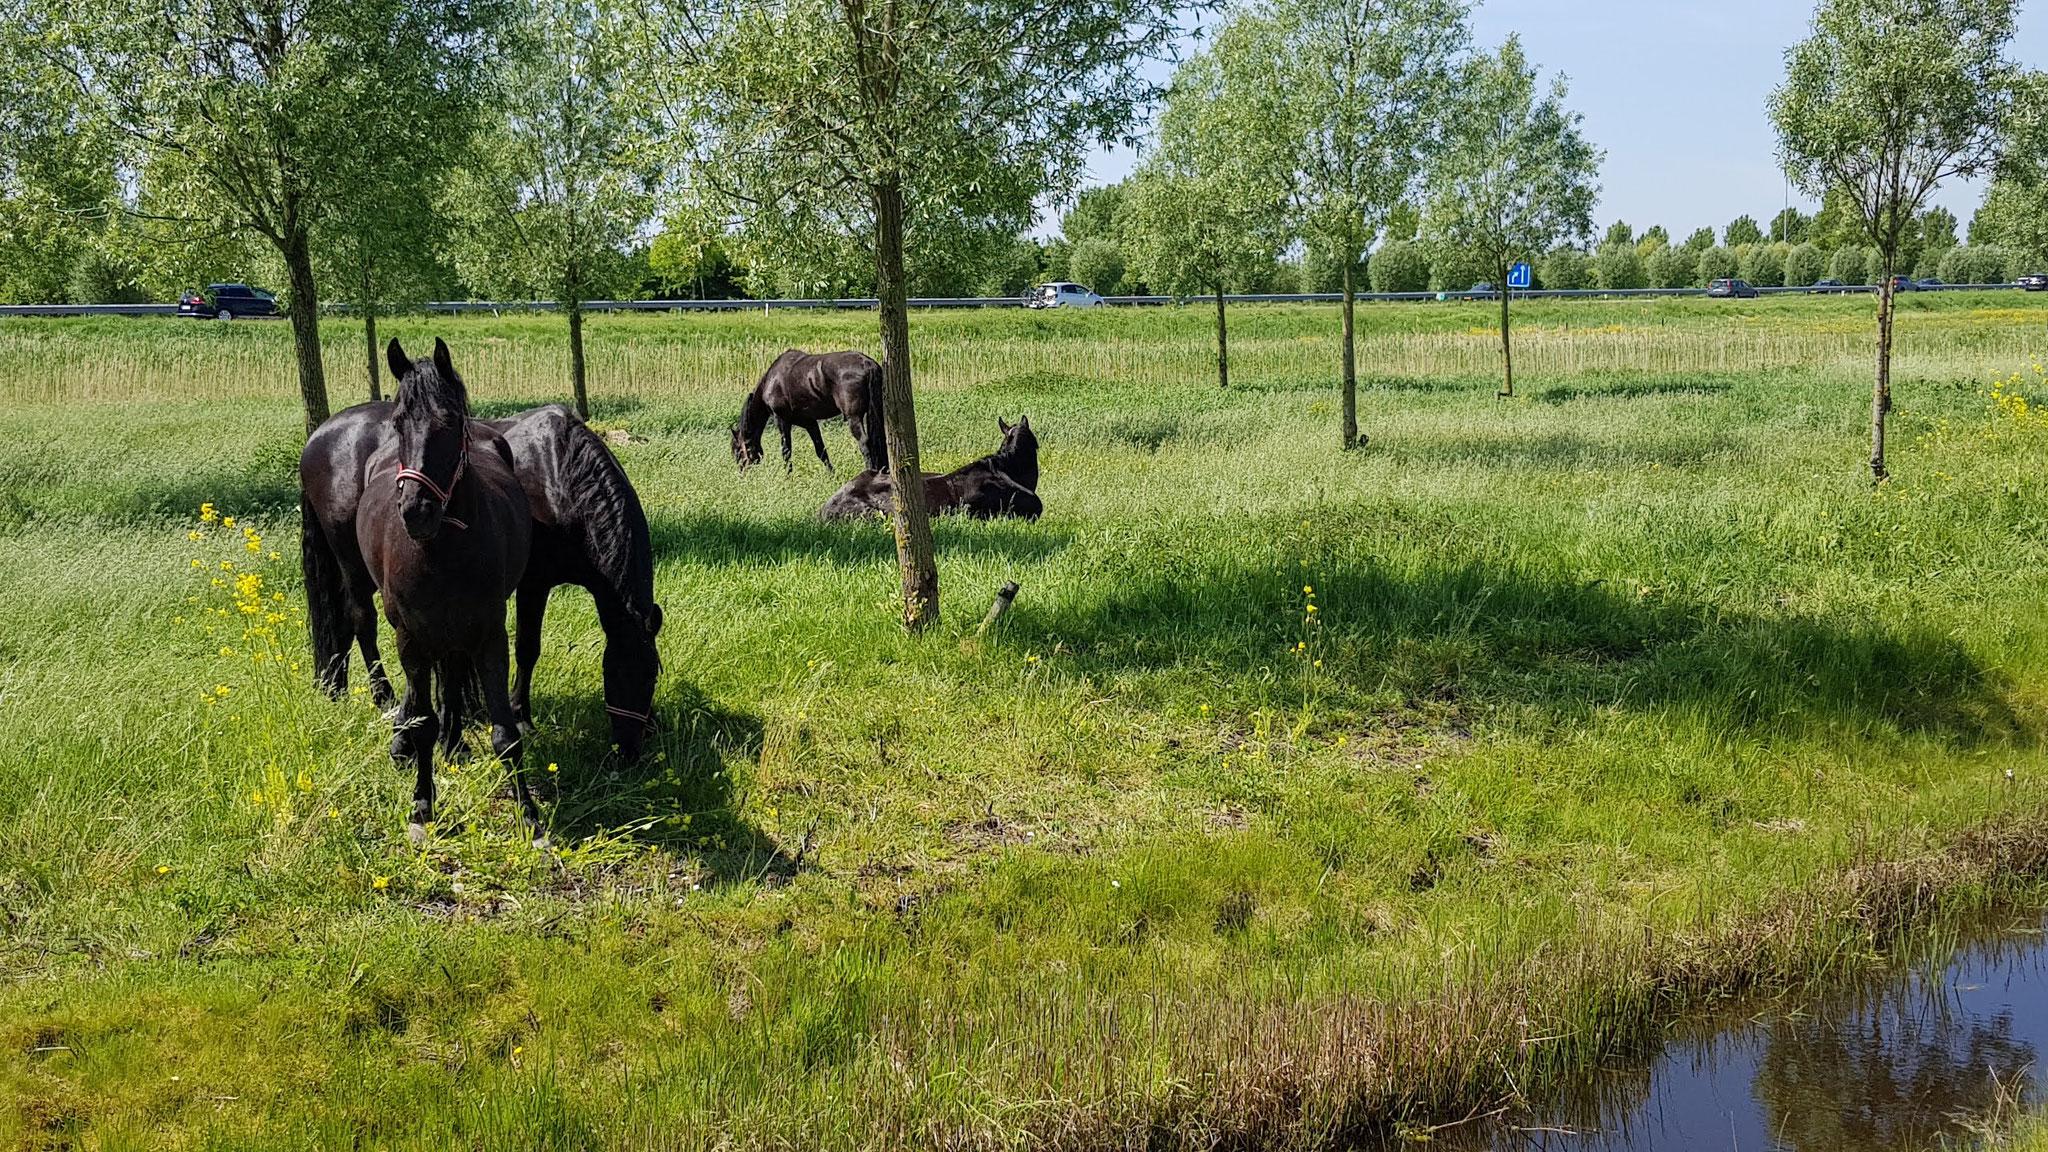 kurz vor Middelburg